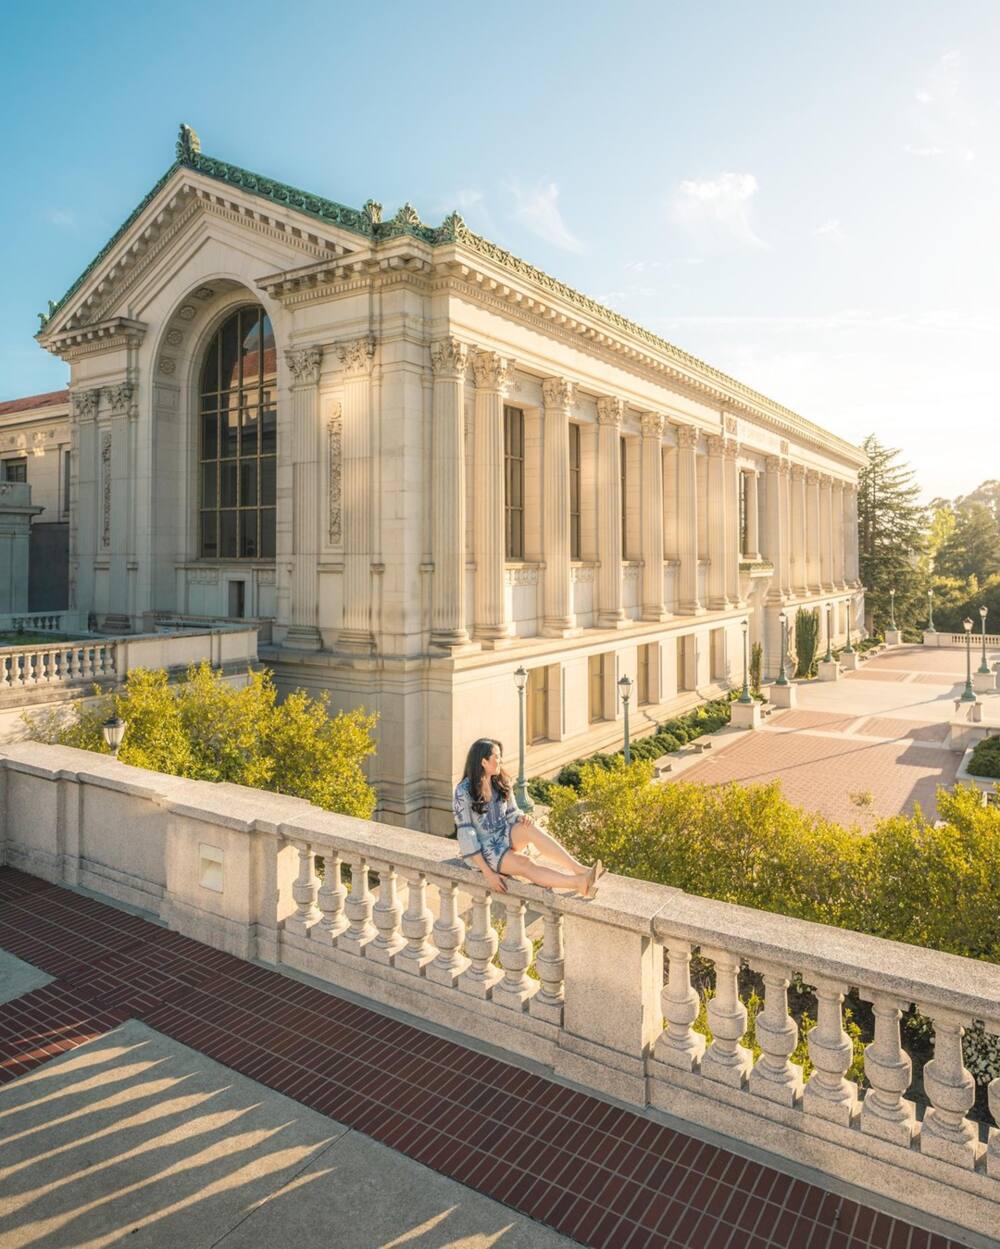 UC Berkeley